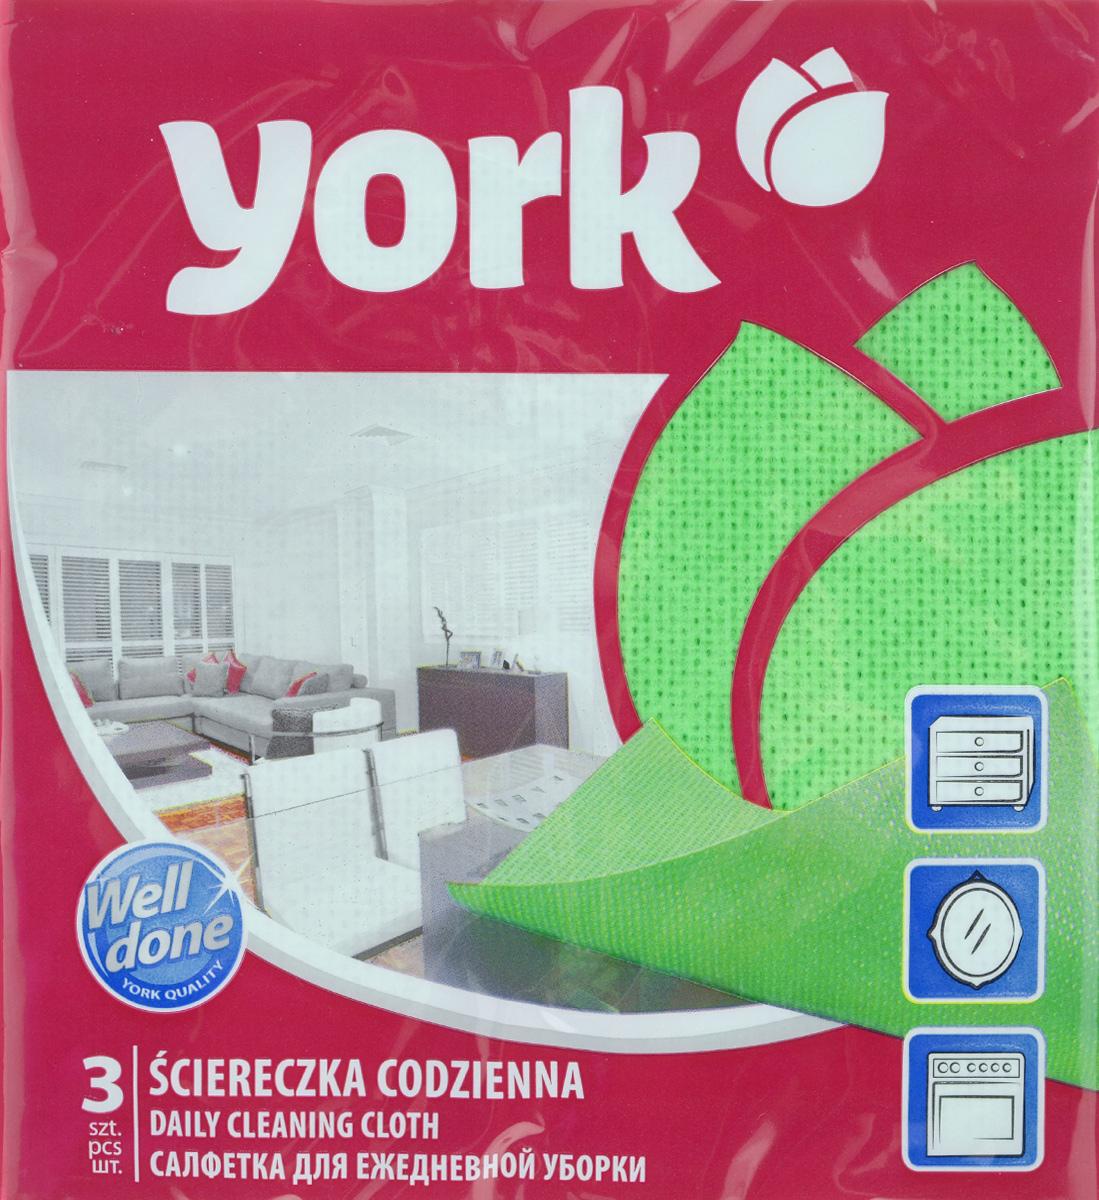 Салфетка для ежедневной уборки York Ламбада, цвет: зеленый, 37 х 40 см, 3 шт2106_зеленыйУниверсальная салфетка York Ламбада предназначена для мытья, протирания и полировки различных поверхностей. Салфетка, выполненная из вискозы, отличается высокой прочностью. Салфетка хорошо поглощает влагу. Идеальна для ухода за столешницами и раковиной, а также для мытья посуды. Может использоваться в сухом и влажном виде.В комплекте 3 салфетки.Размер салфетки: 37 х 40 см.